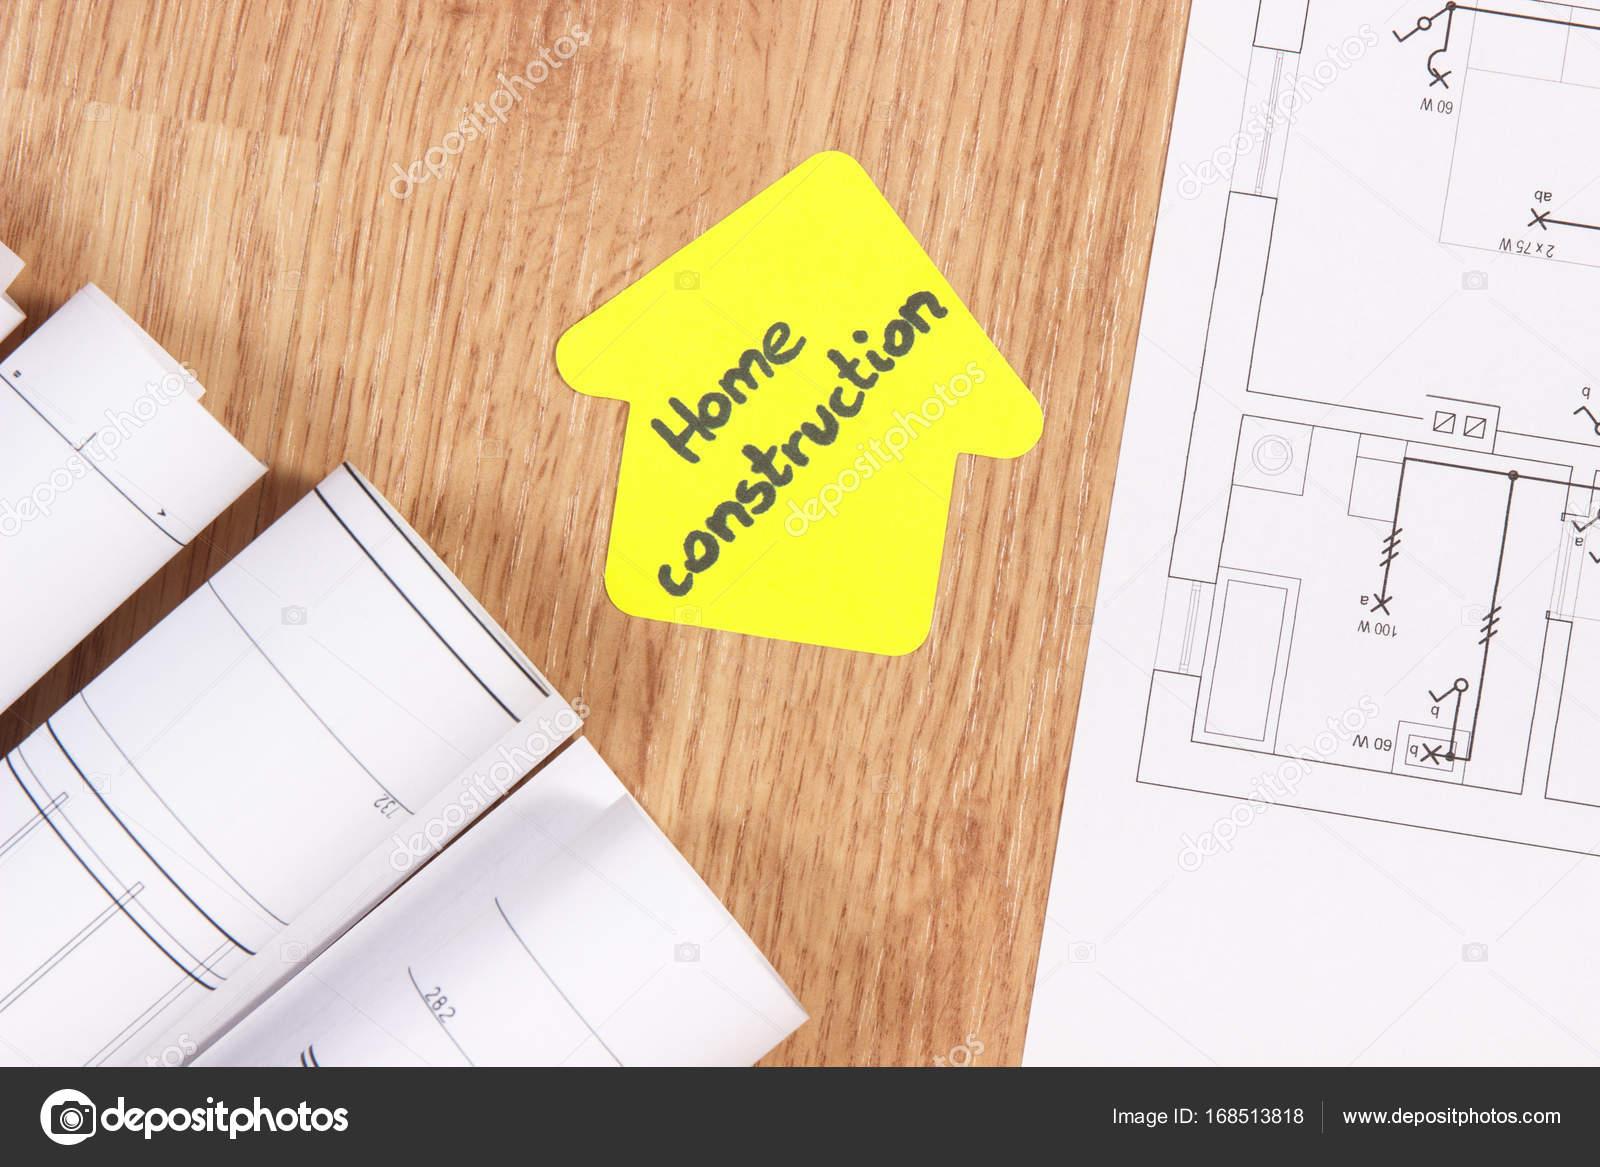 Schemi Elettrici Casa : Casa forma con testo casa conctruction casa concetto costruzione